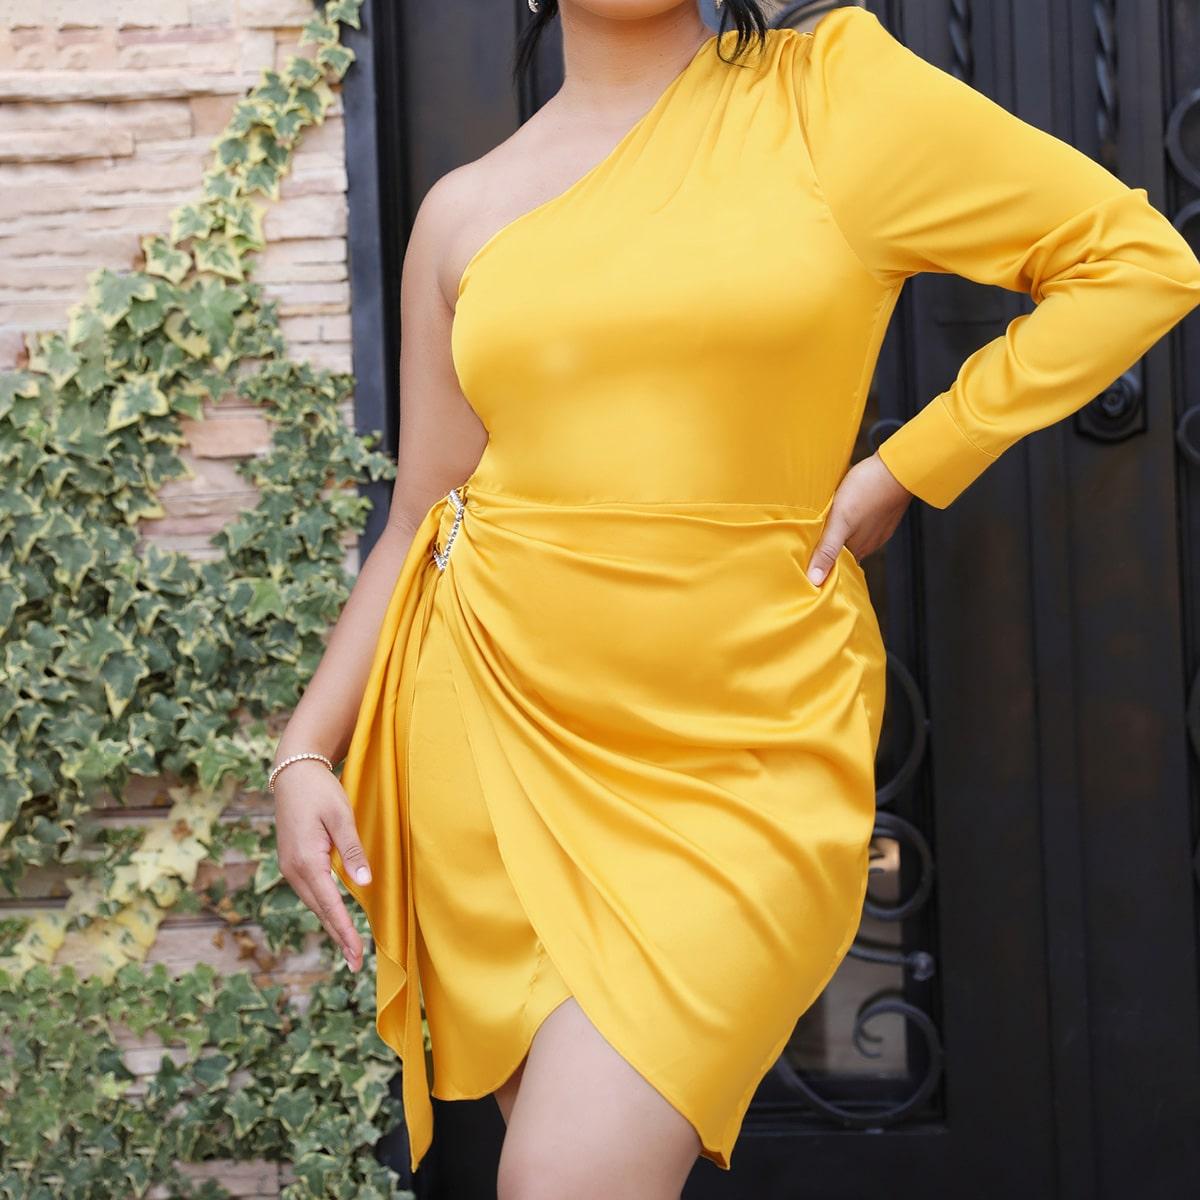 Пуговица Одноцветный Элегантный Платья размер плюс